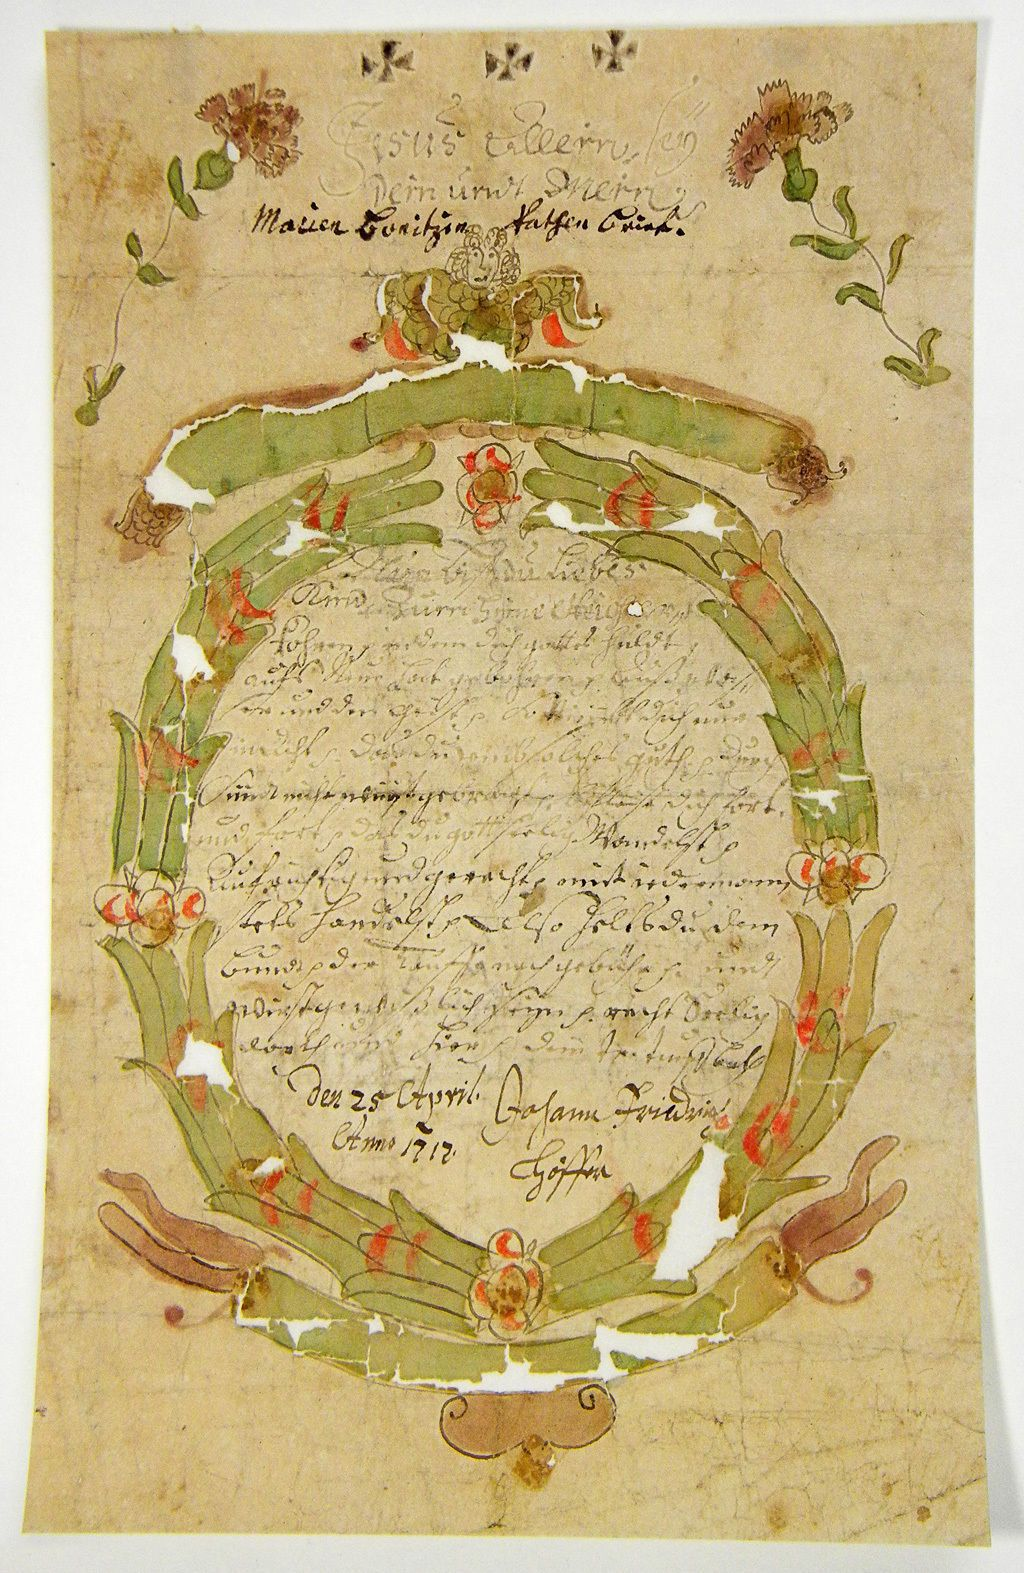 Handwritten Baptismal Letter Signed By The The Godparent Go Tter